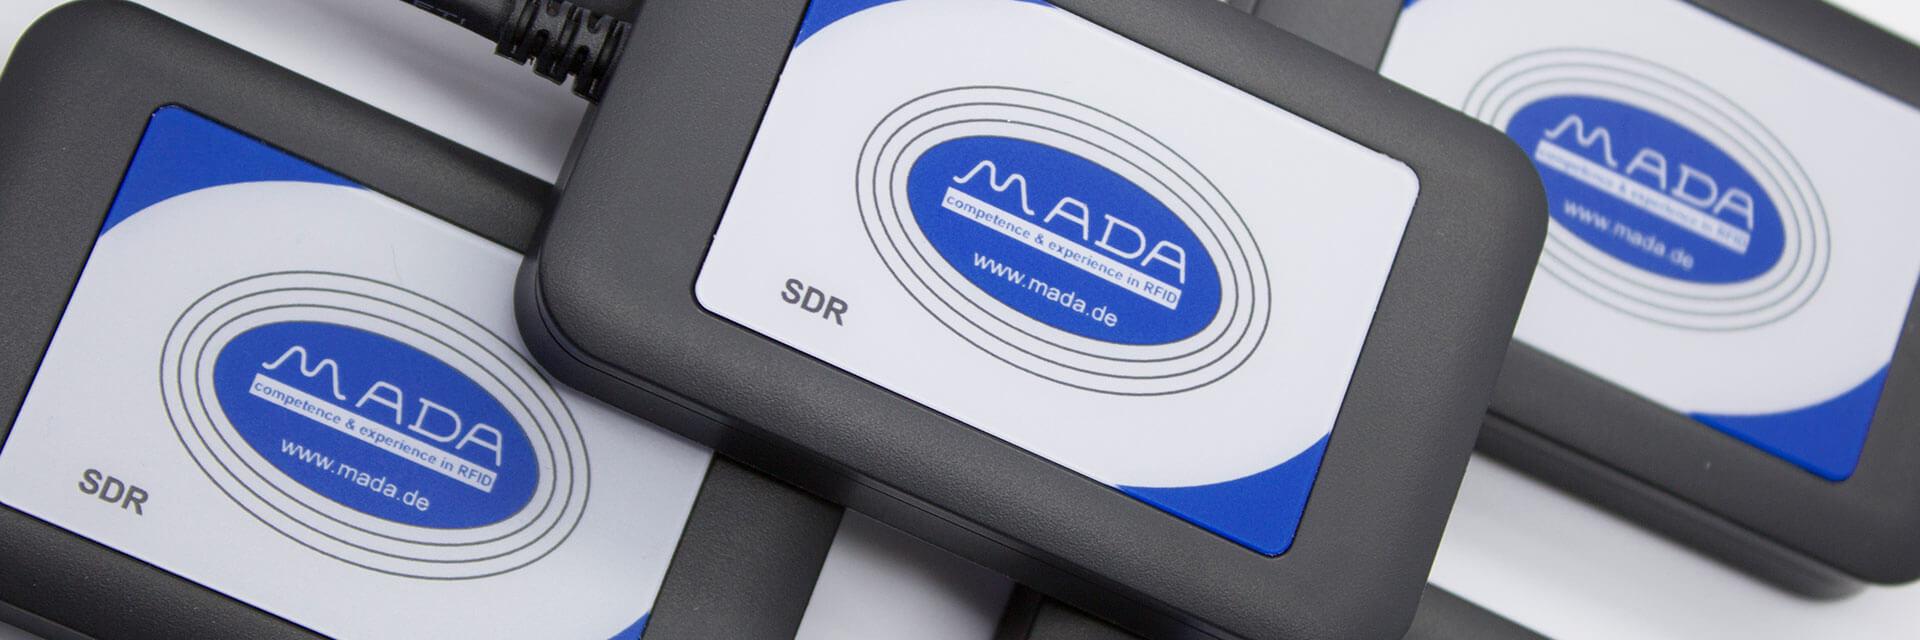 Kartensysteme von Mada